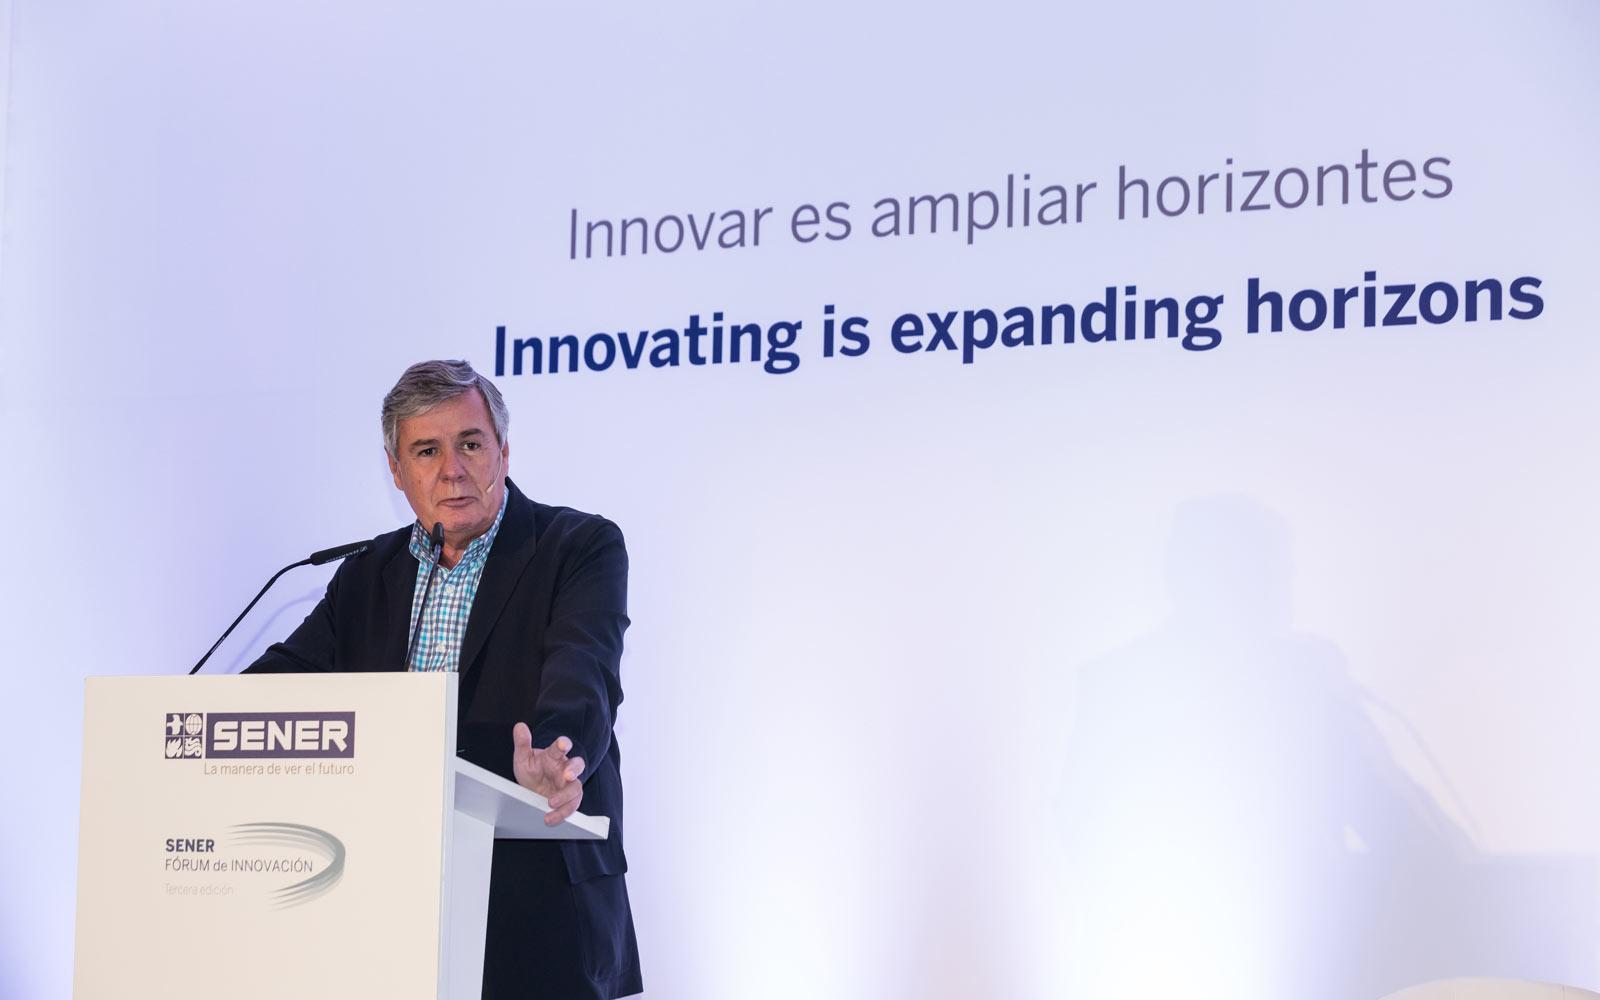 Barcelona acoge el III Fórum de Innovación de SENER